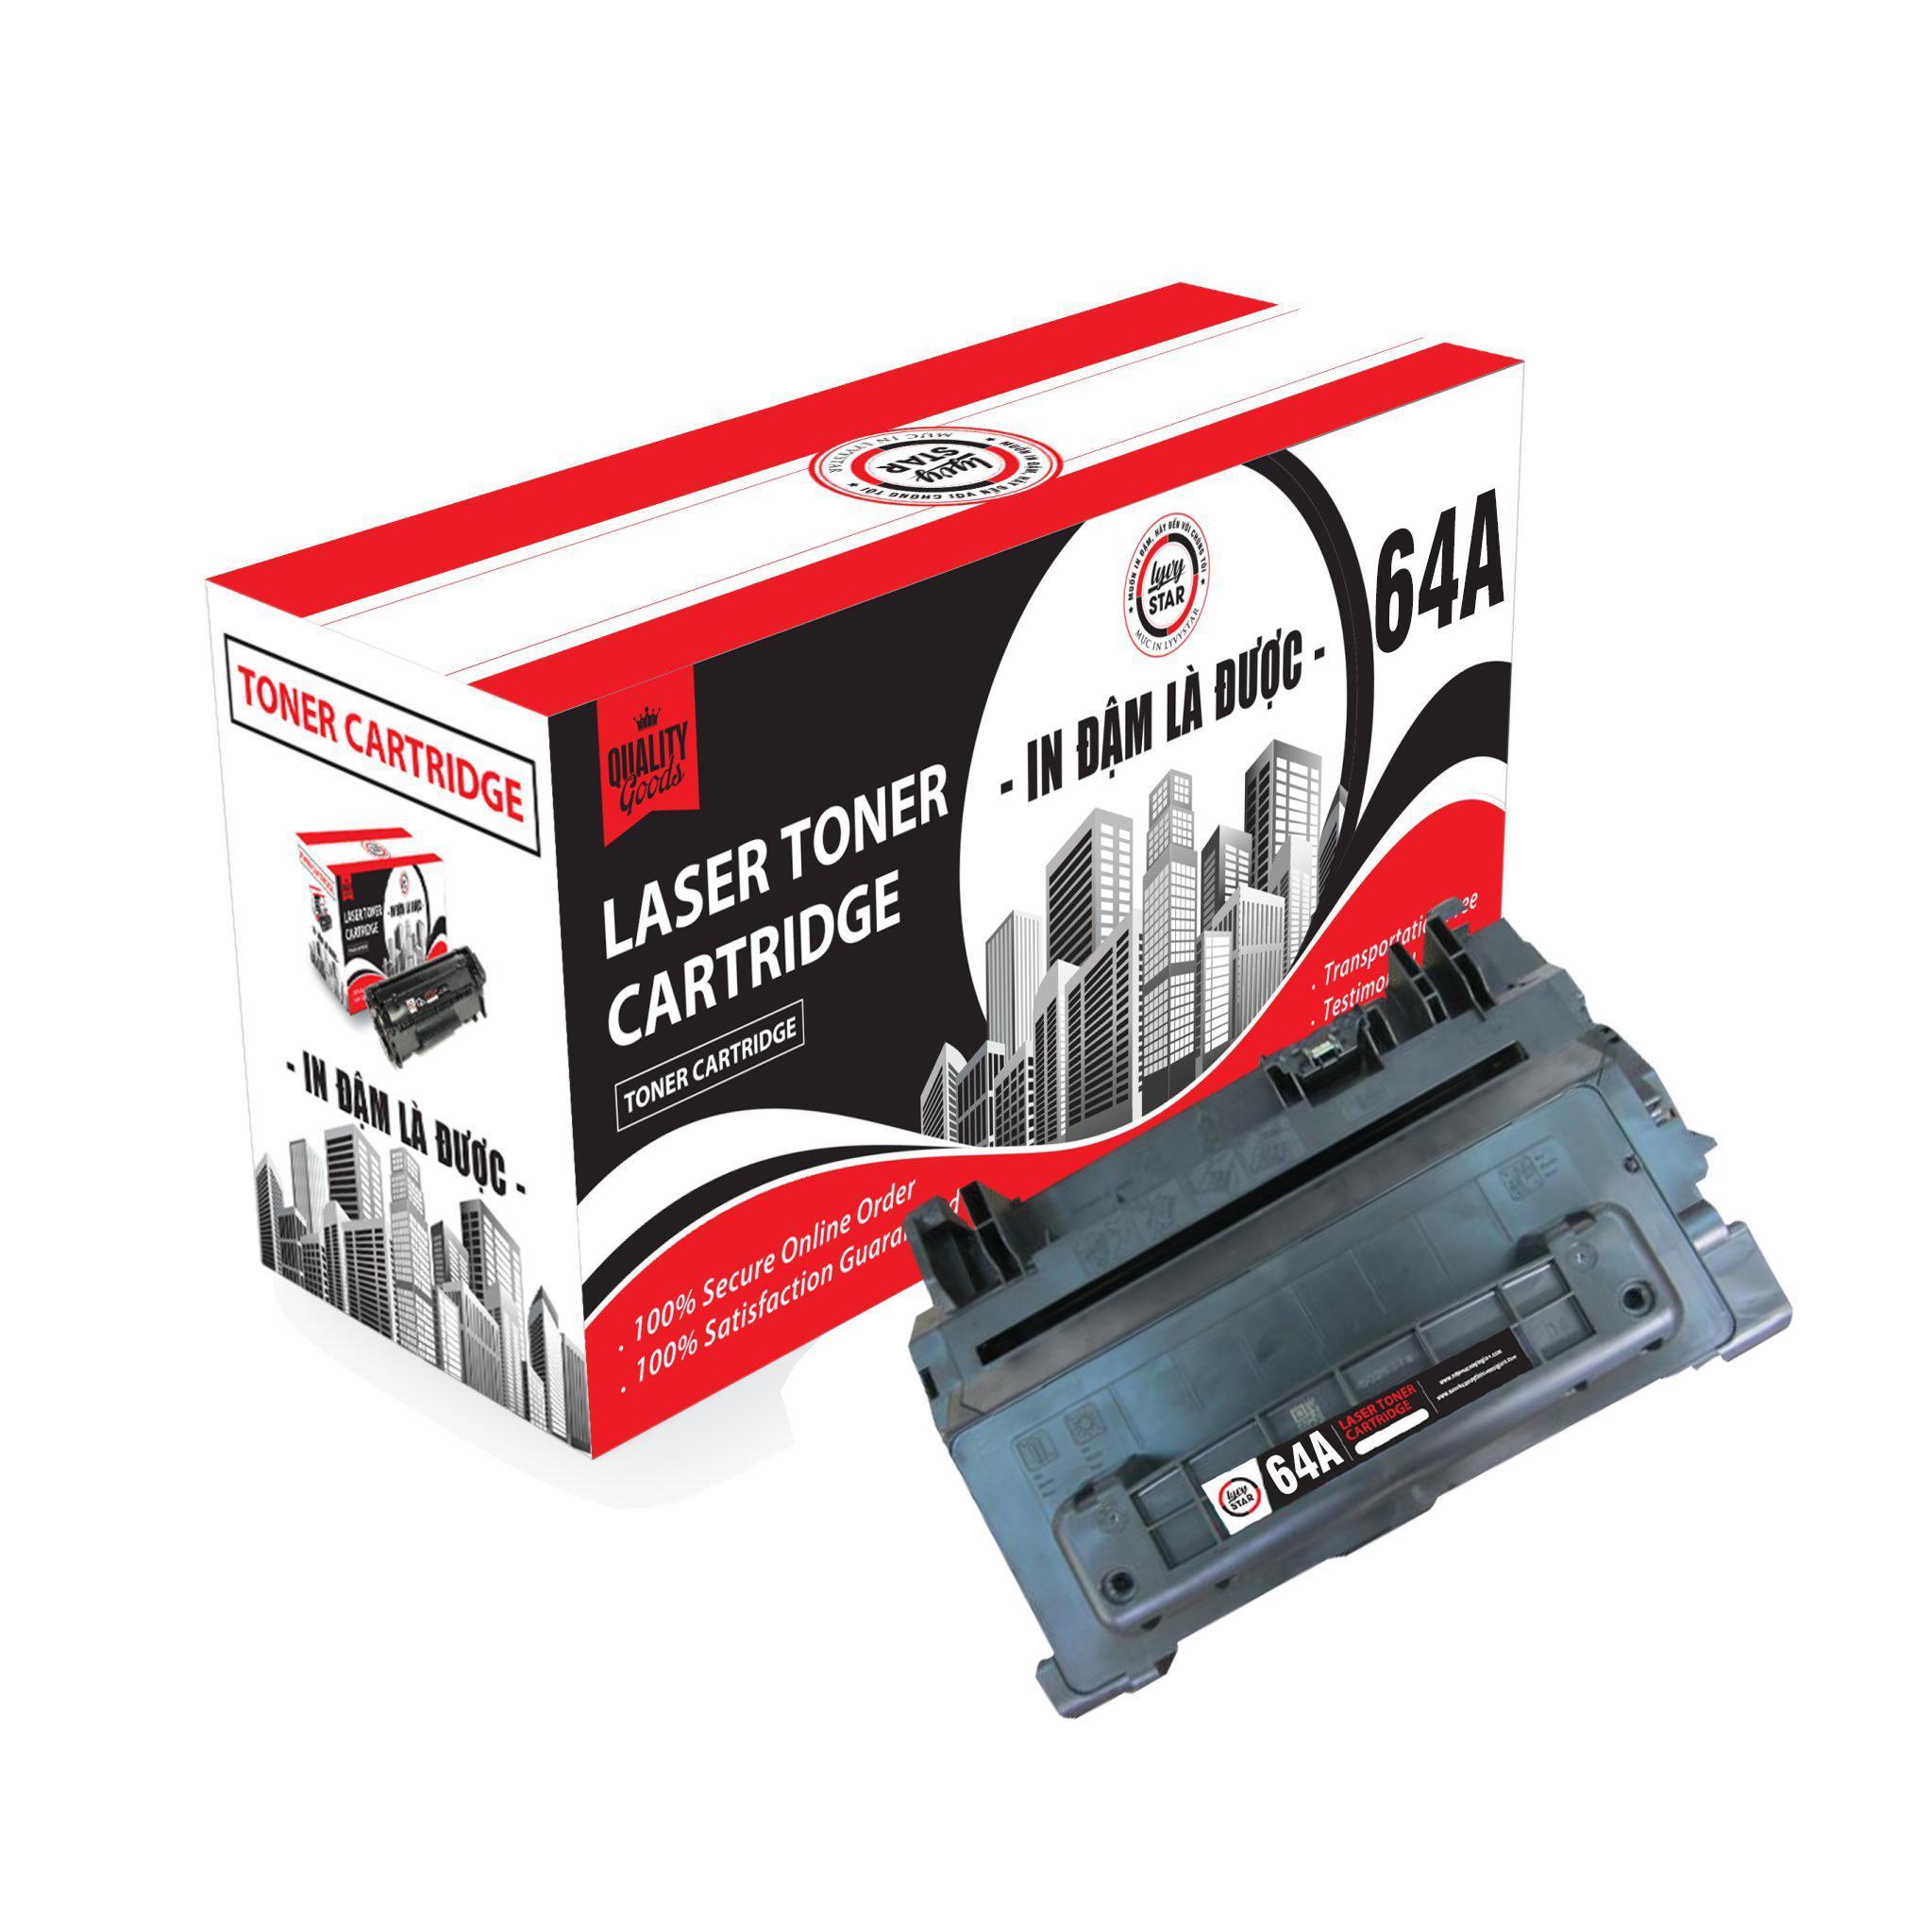 Mực in Lyvystar Laser 64A (CC364A) dùng cho máy HP - Hàng Chính Hãng